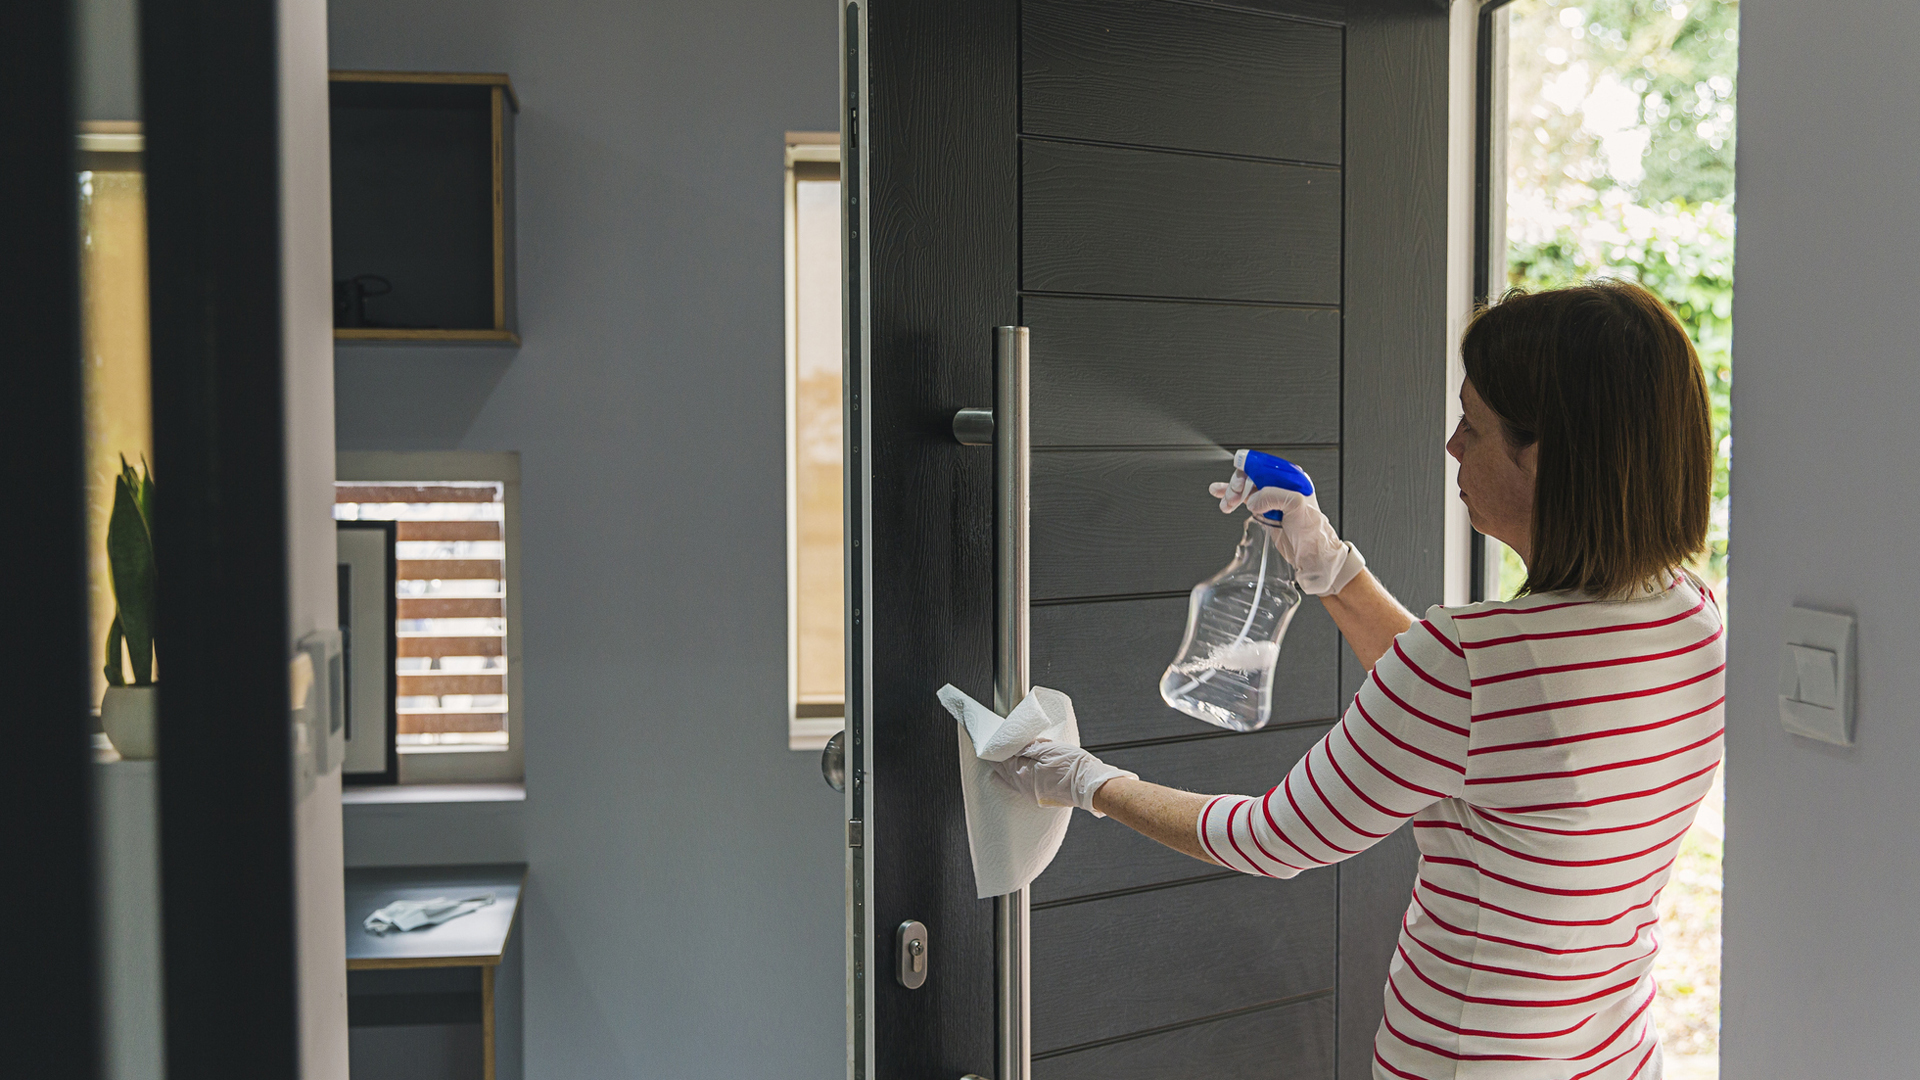 cleaning the front door